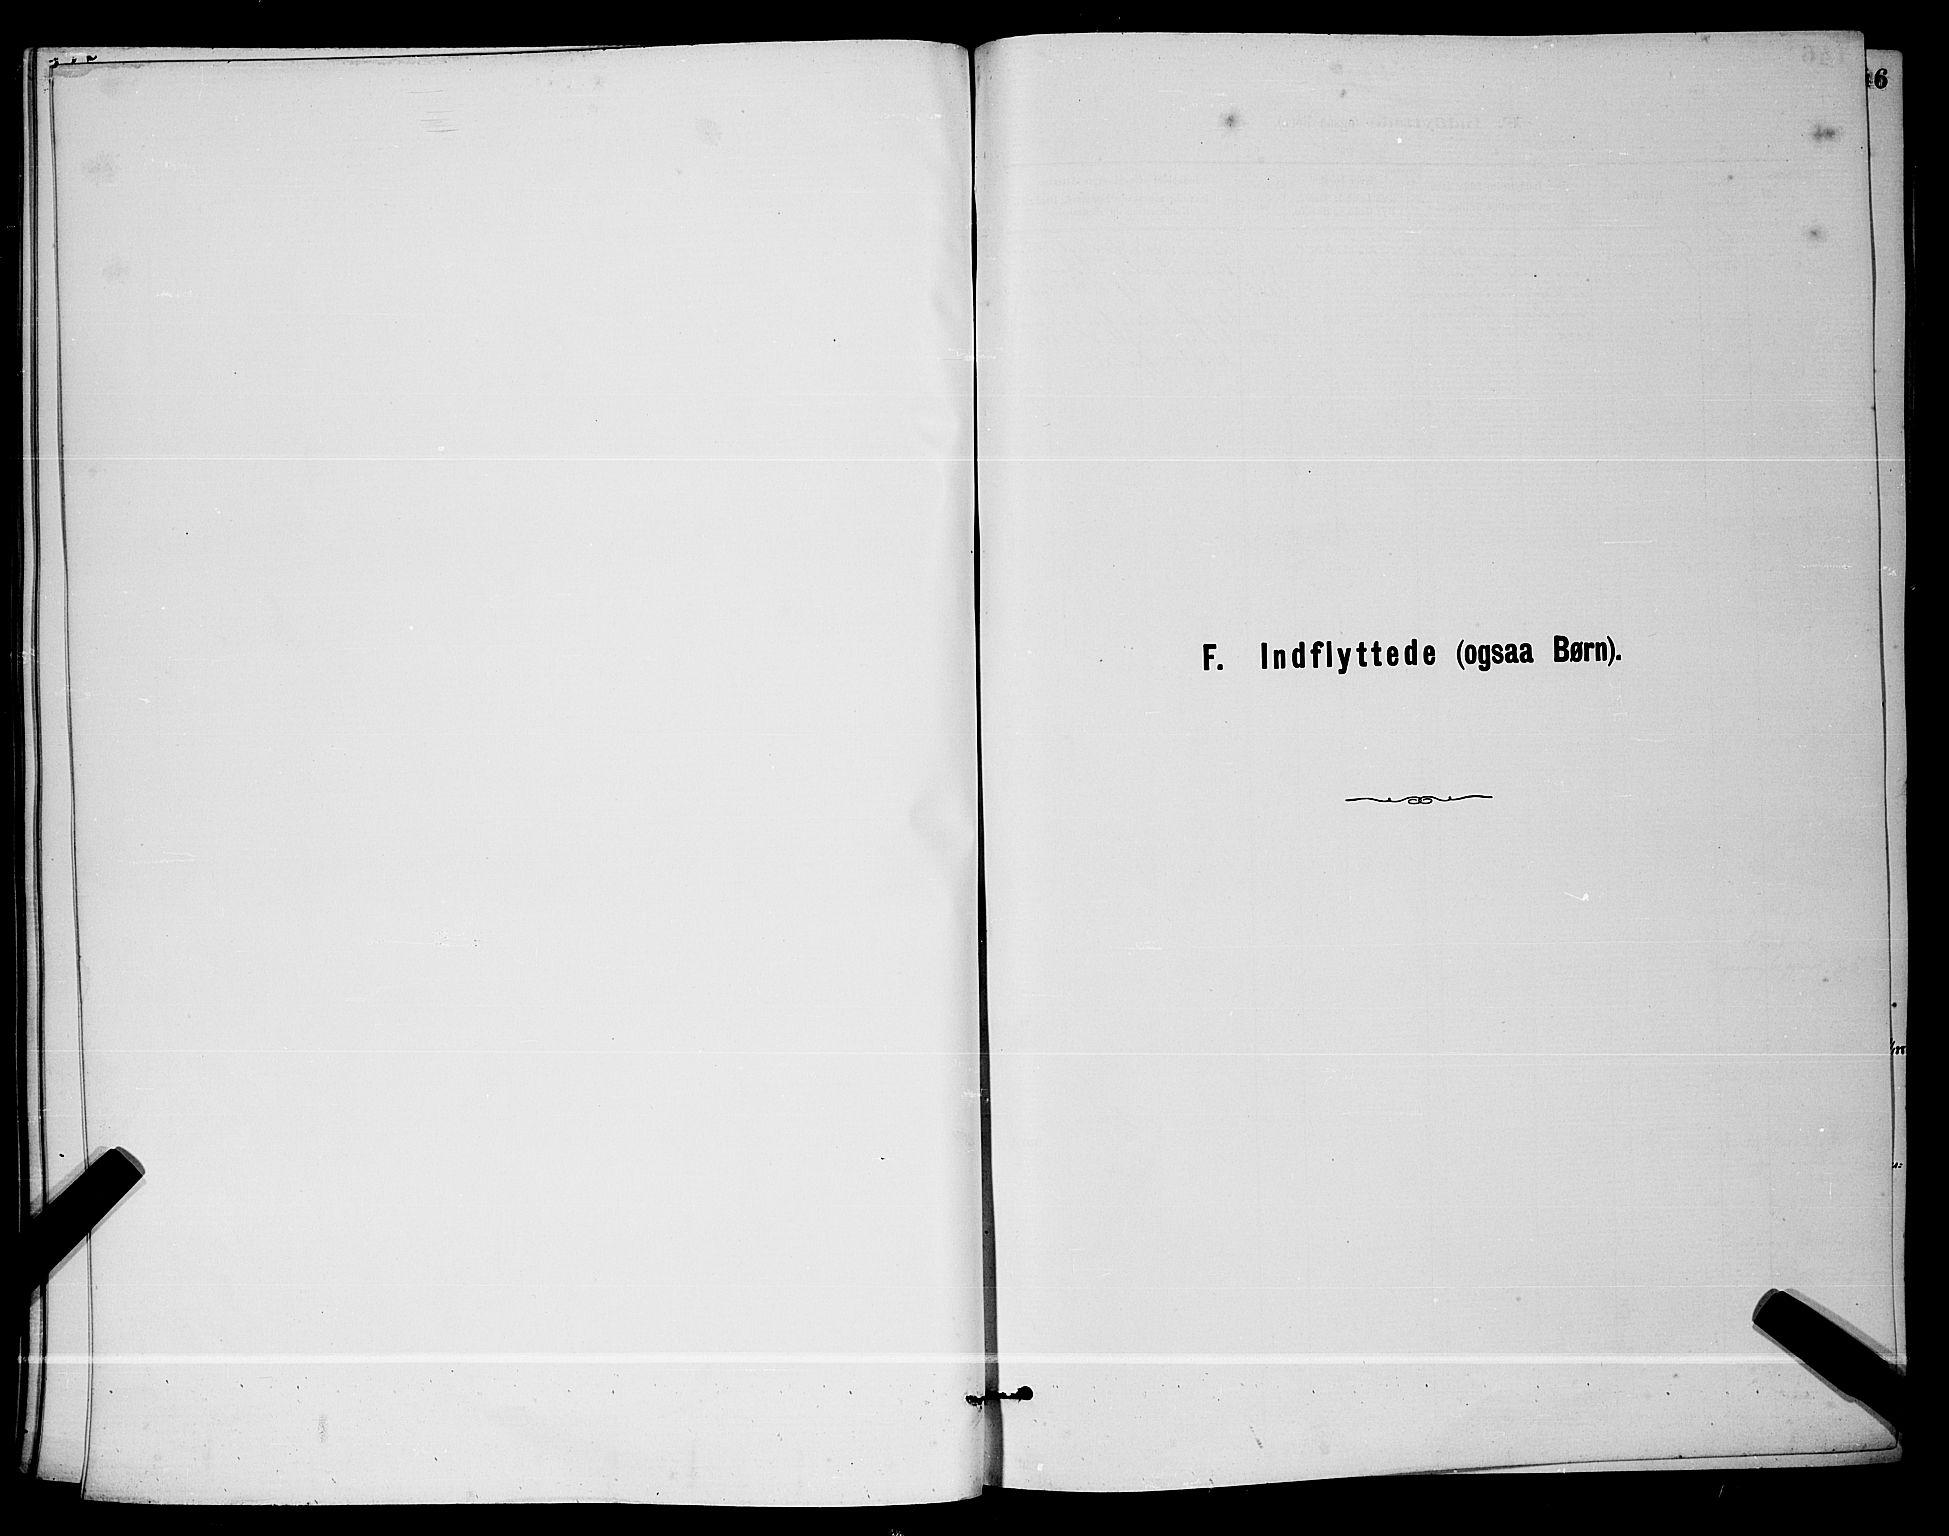 SAKO, Langesund kirkebøker, G/Ga/L0005: Klokkerbok nr. 5, 1884-1898